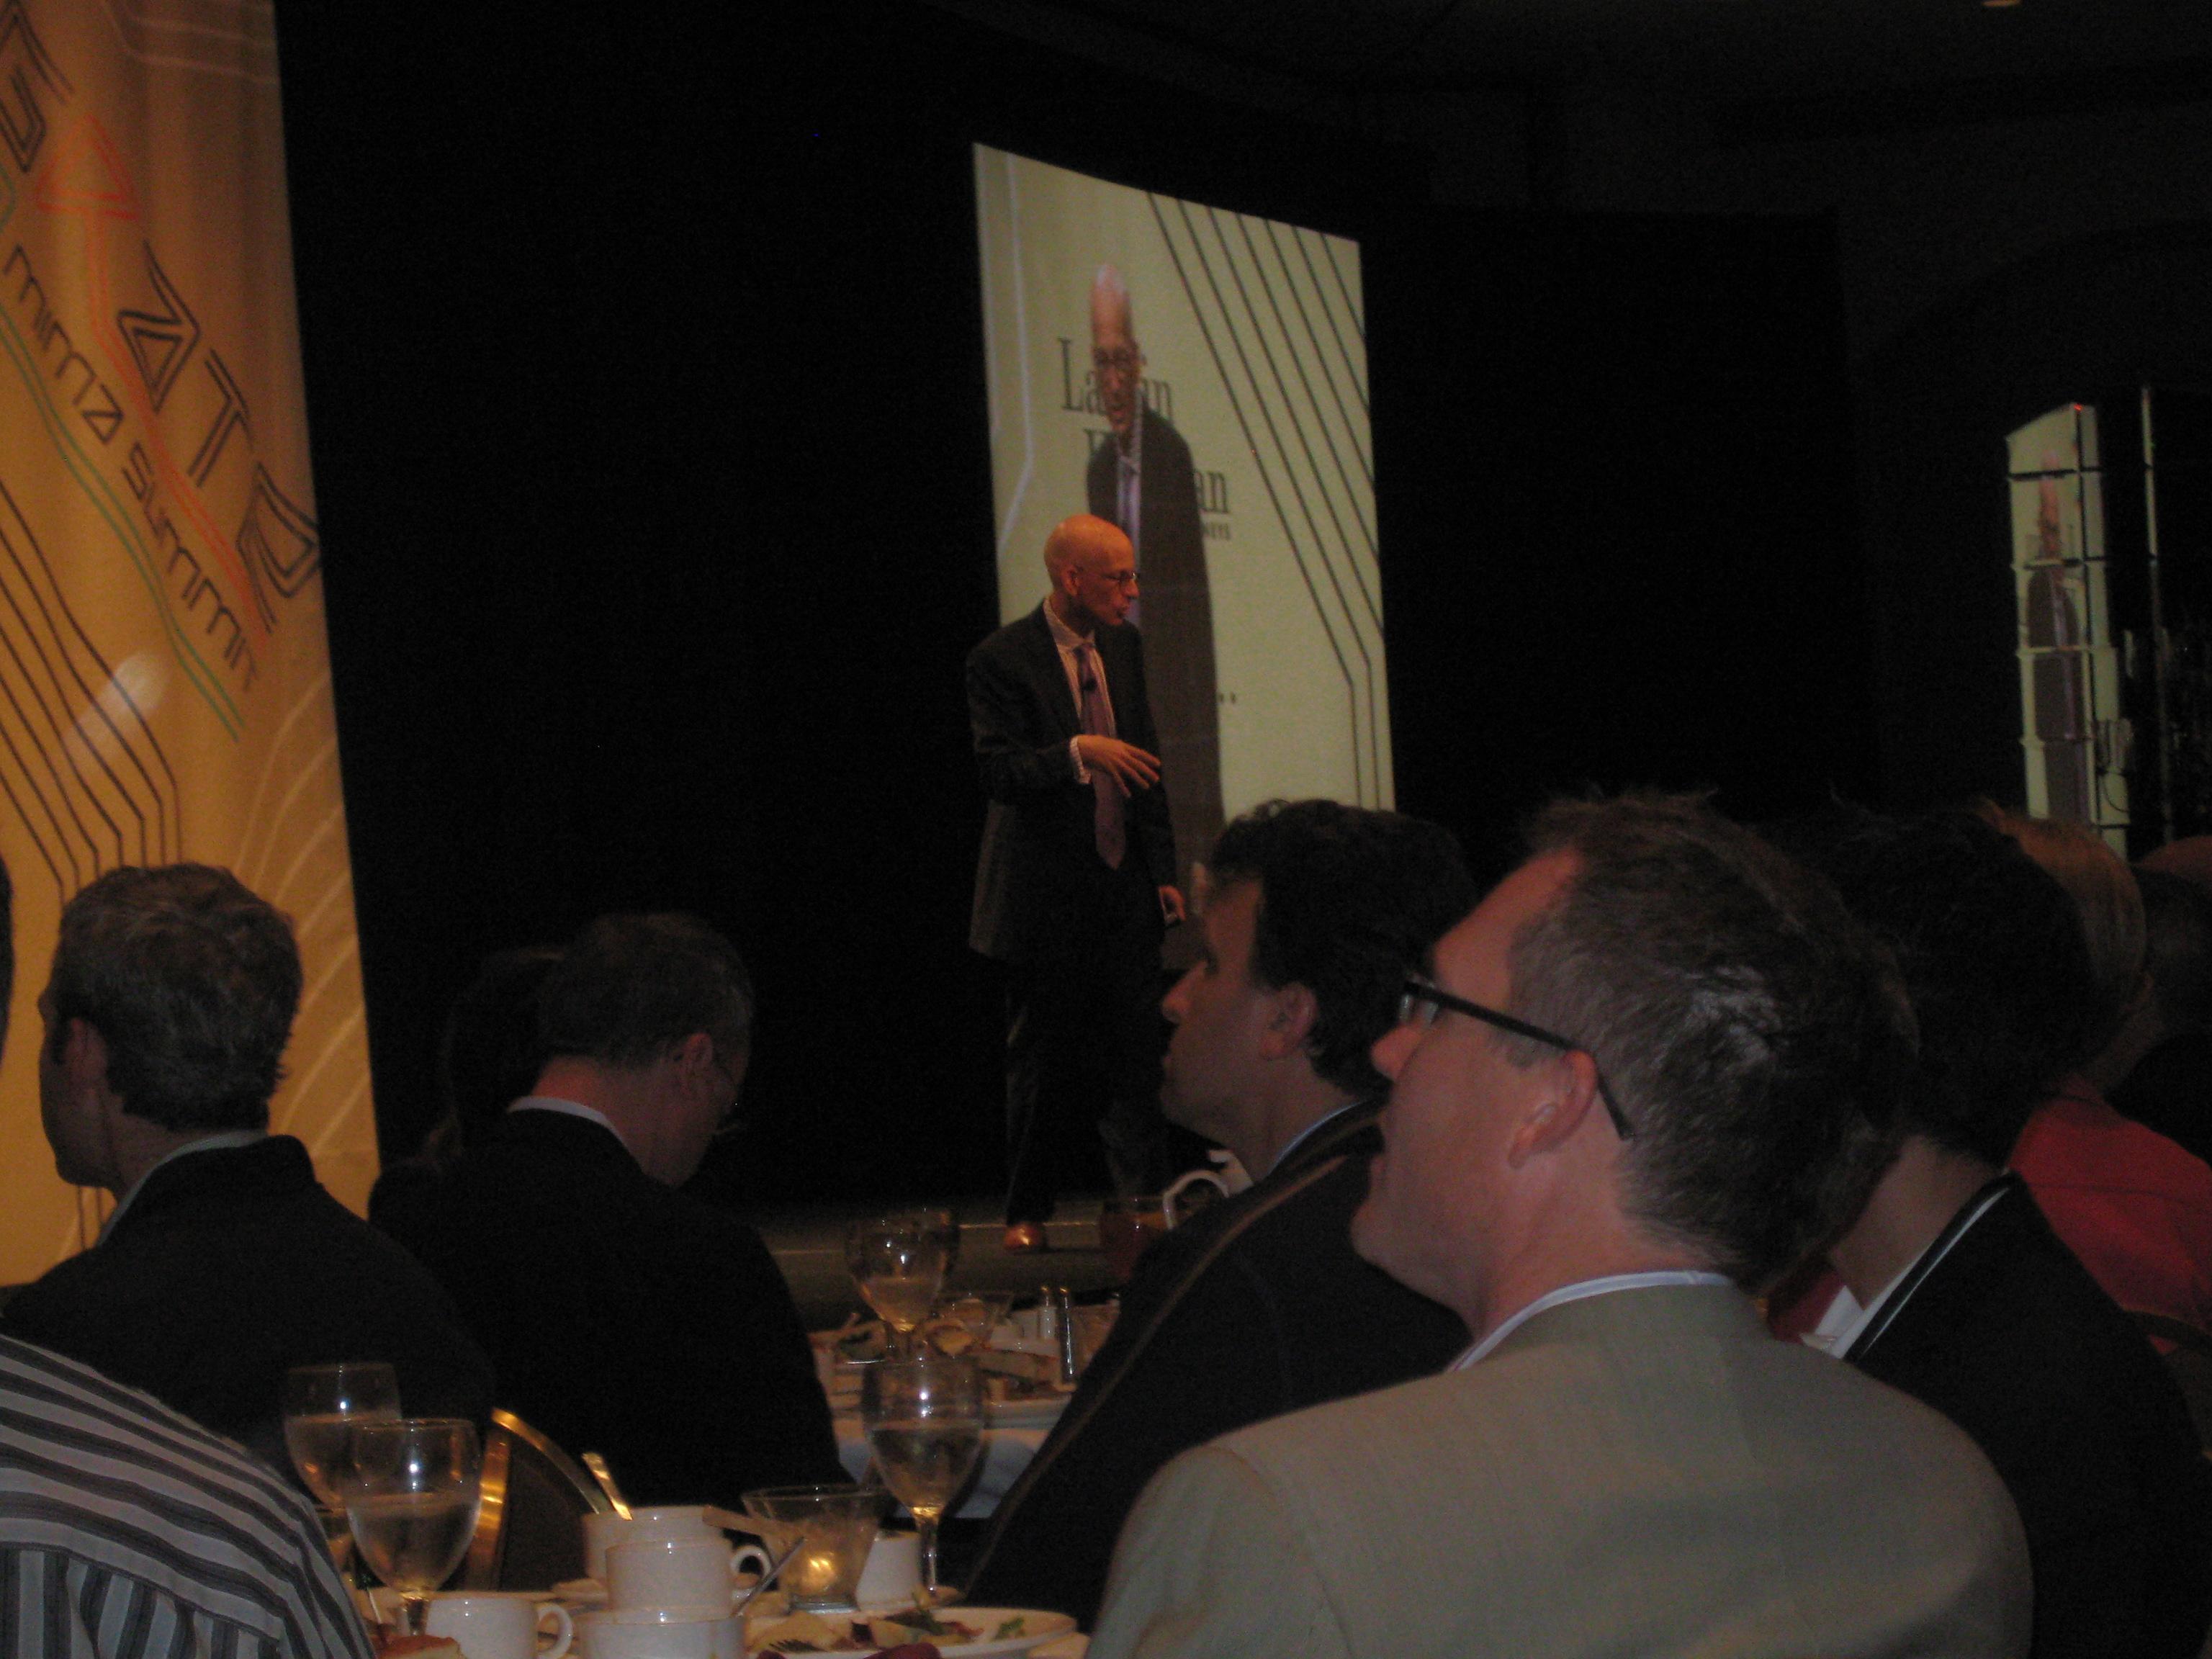 Seth Godin, afternoon keynote